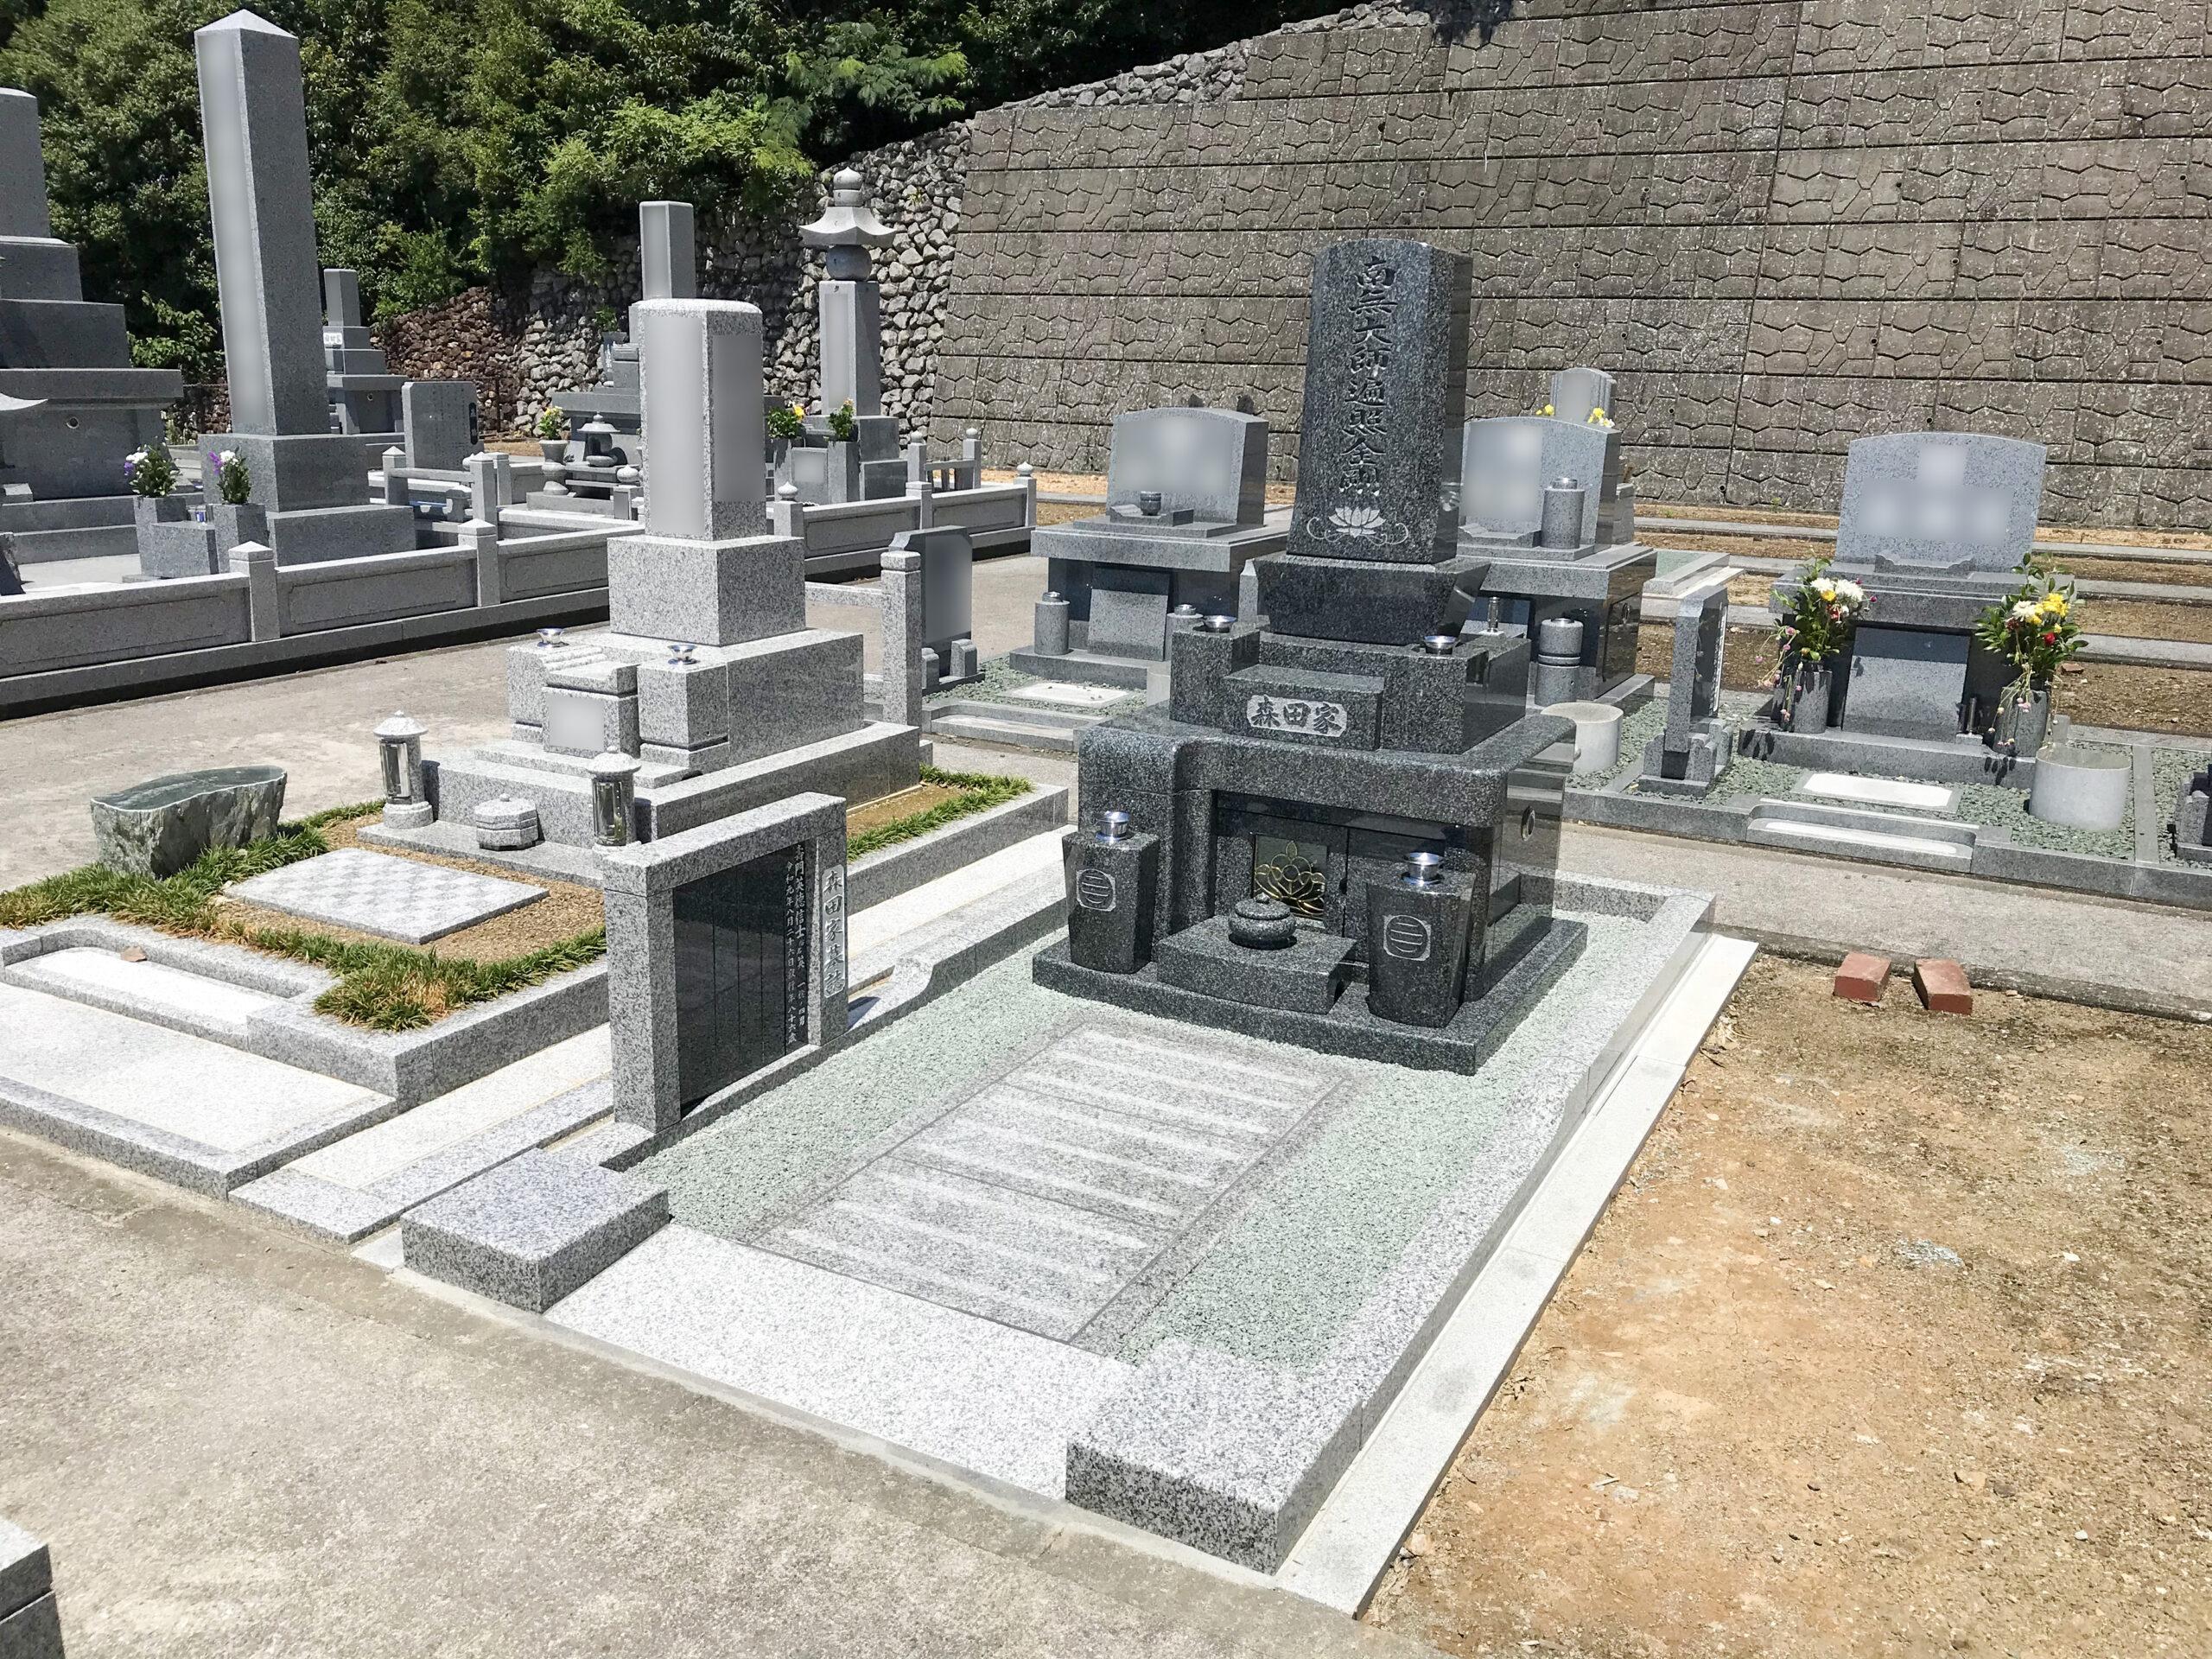 皆様から「良いお墓ができたネ」と言っていただき、私達家族も大満足です